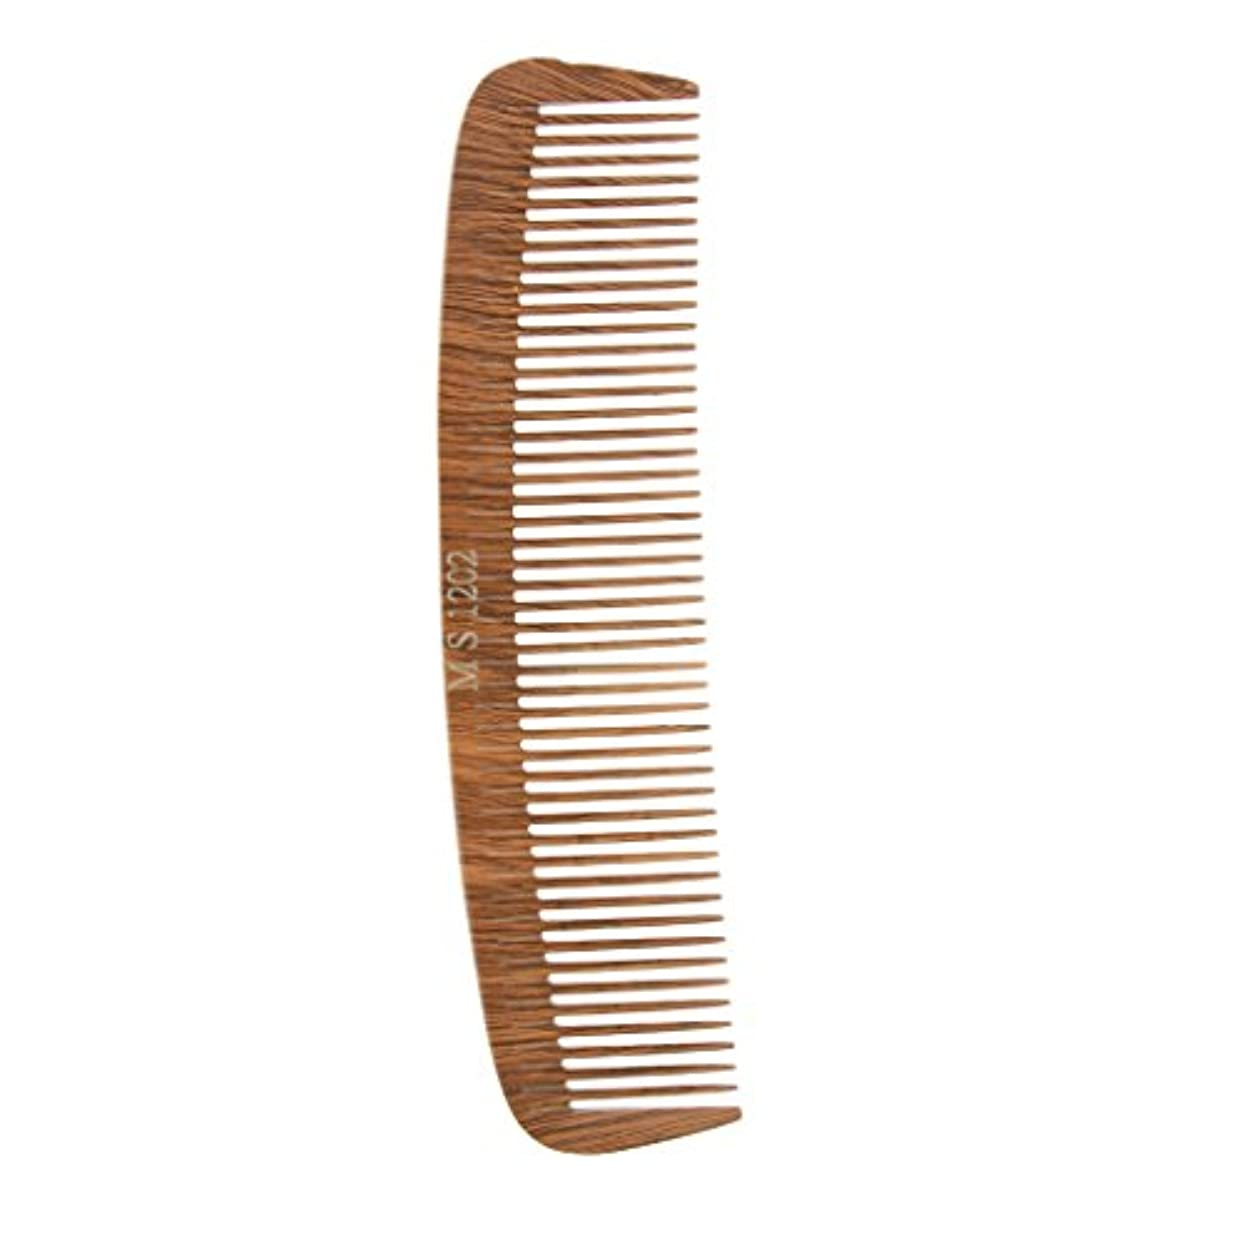 独占代表団サーマルヘアカットコーム コーム 木製櫛 帯電防止 4タイプ選べる - 1202